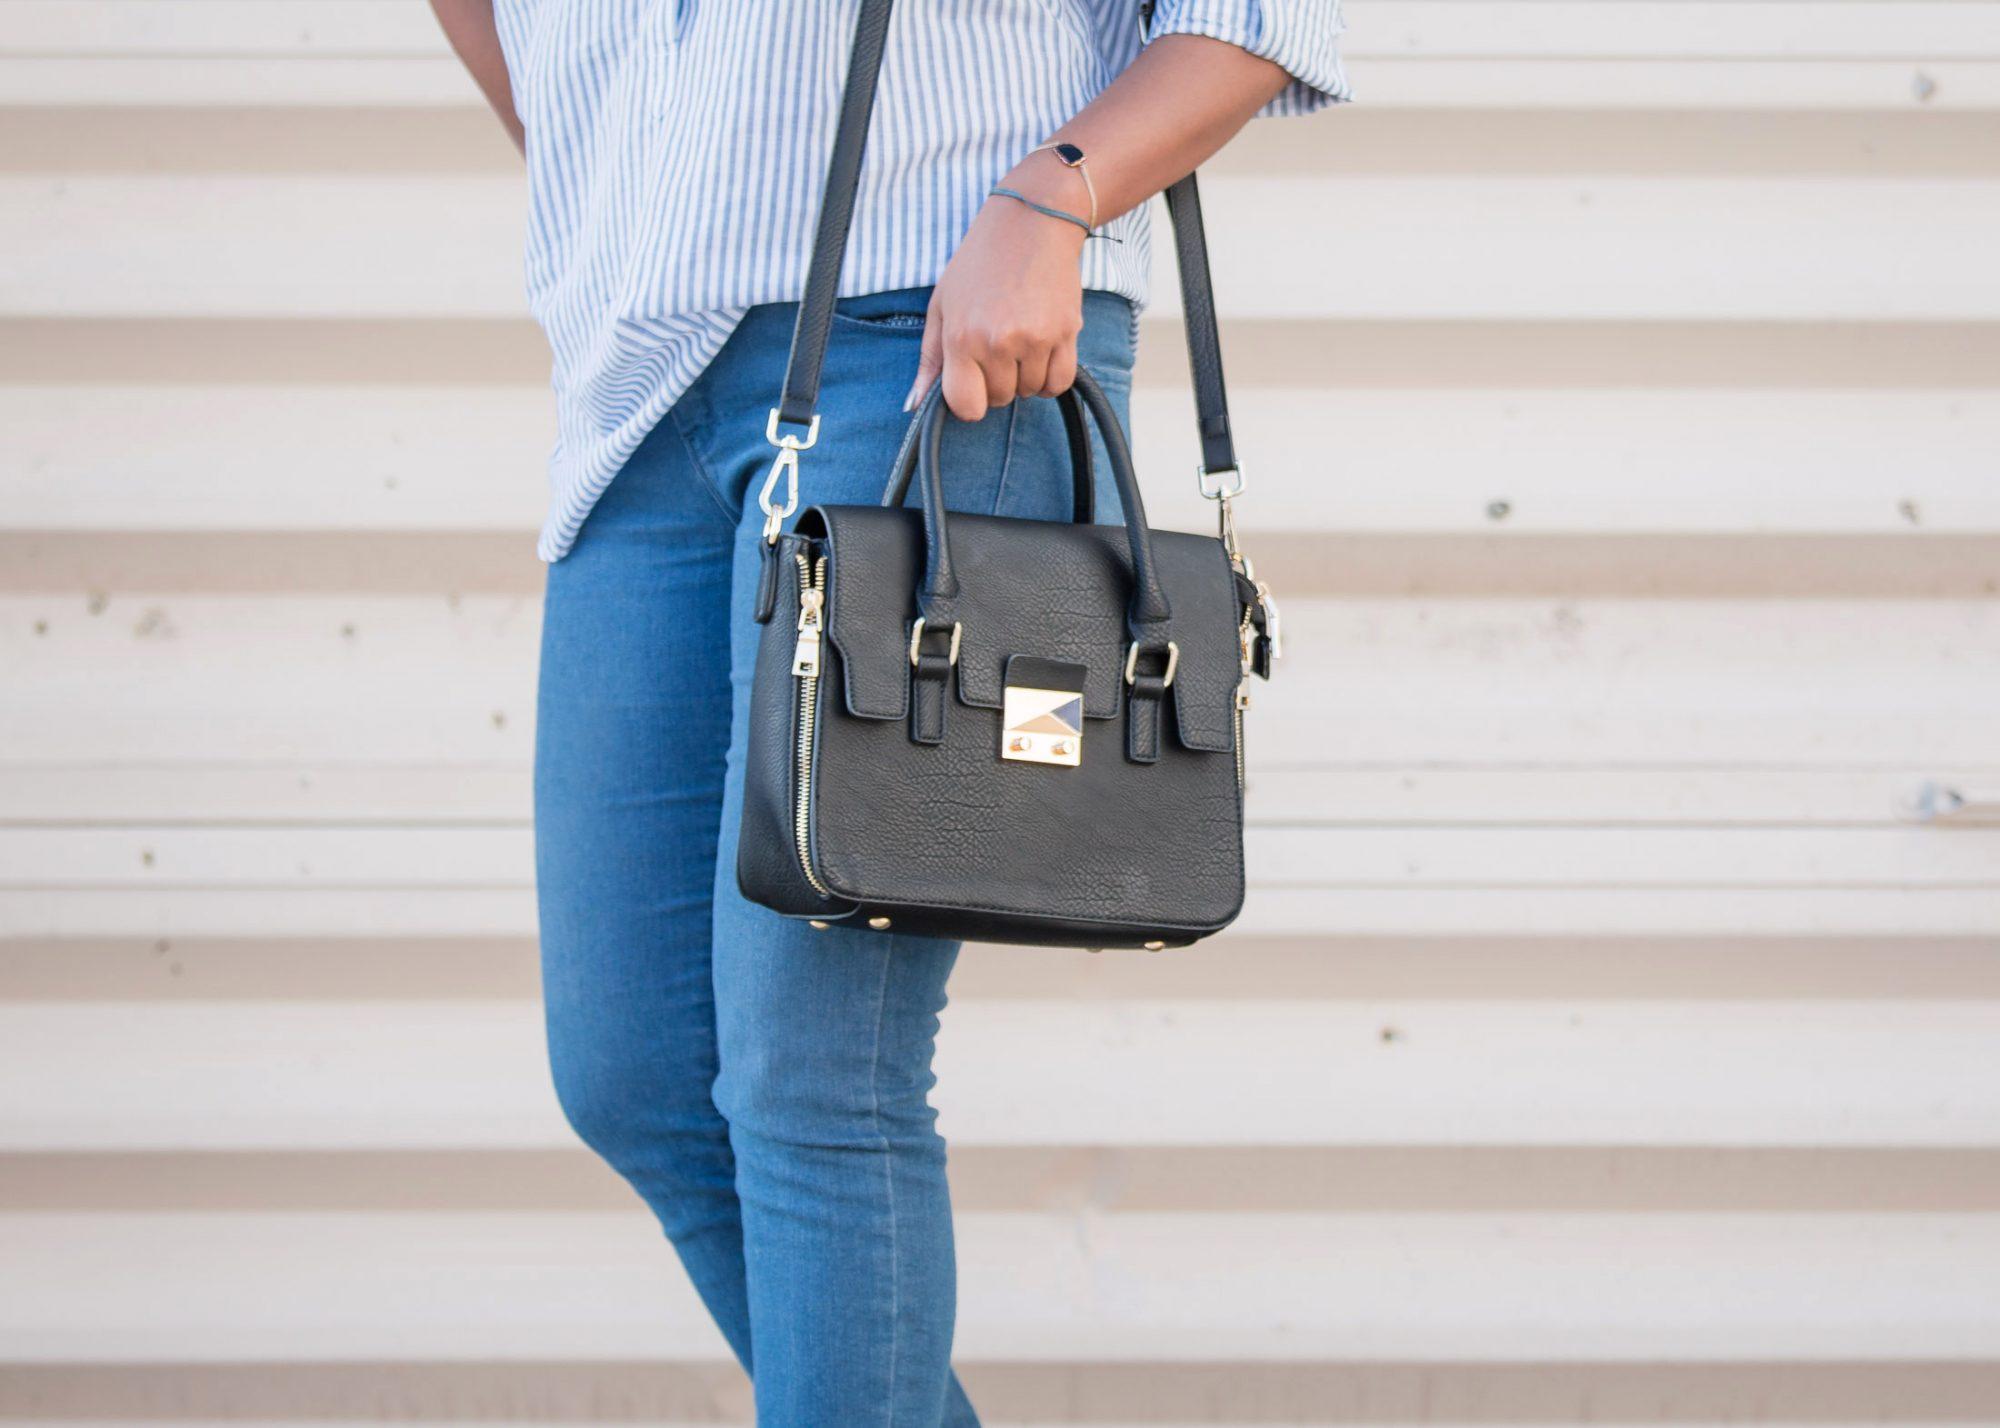 TJMAXX Maxxinista Satchel Handbag Fashion Blogger